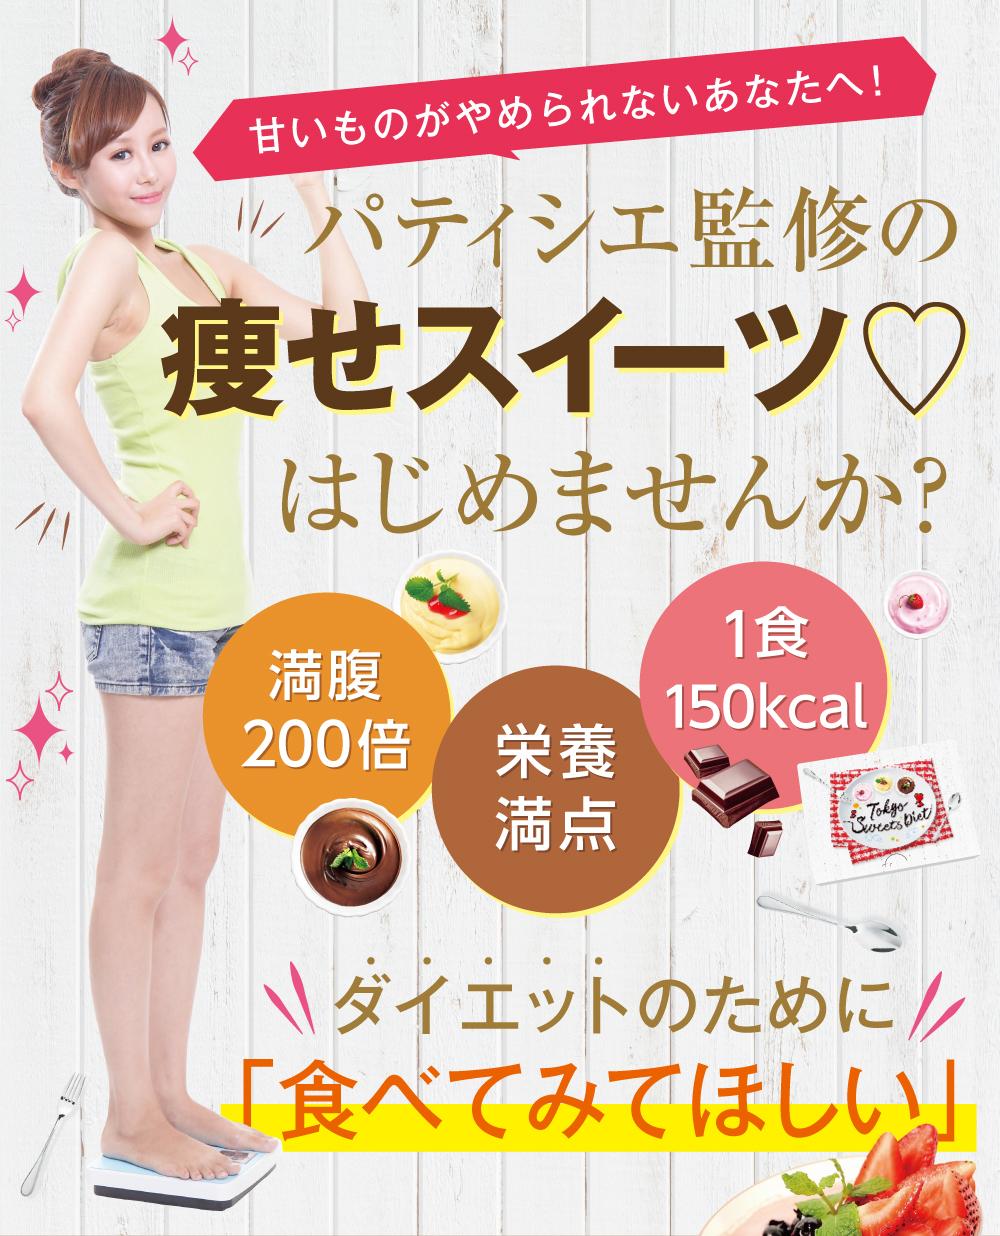 インスタ女子♪話題沸騰中!甘くて美味しいスイーツでダイエット!【TOKYO Sweets Diet】